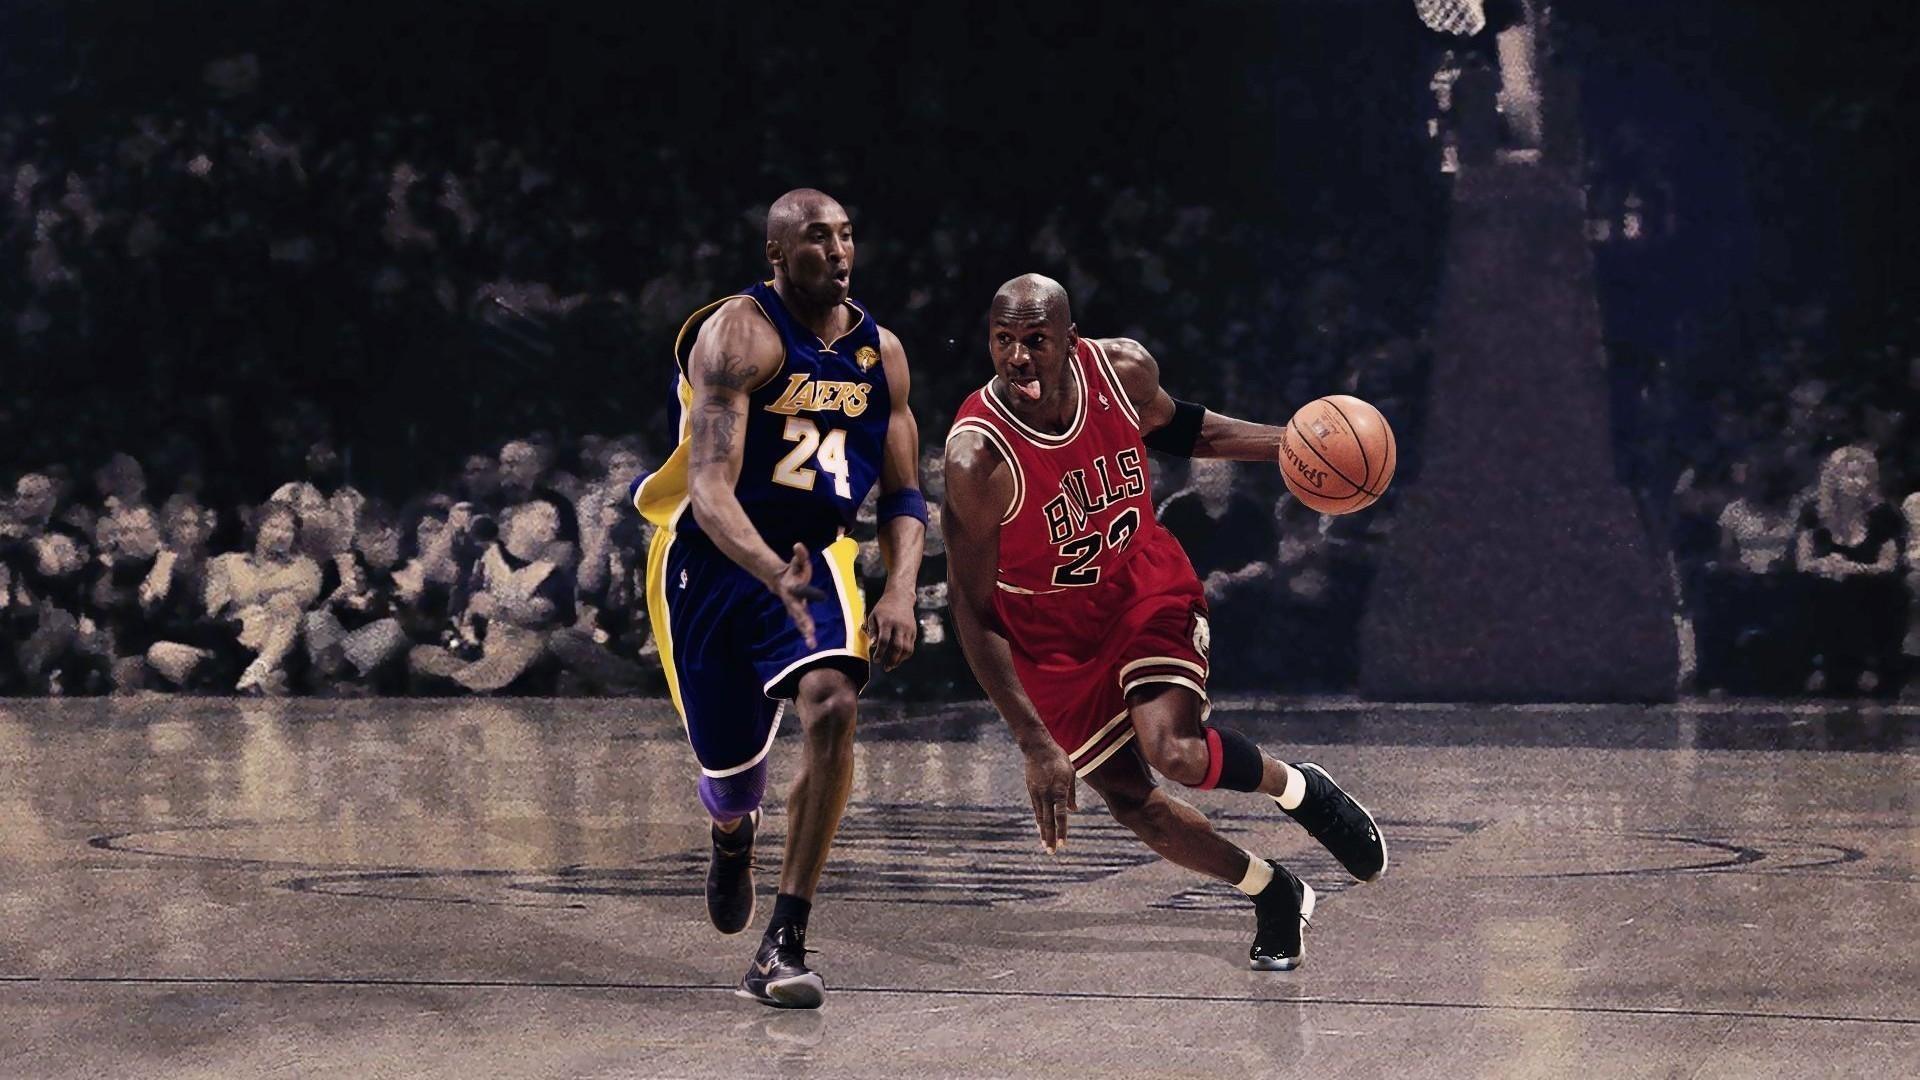 Free-desktop-backgrounds-basketball-Download-Desktop-Backgrounds-Basketball-